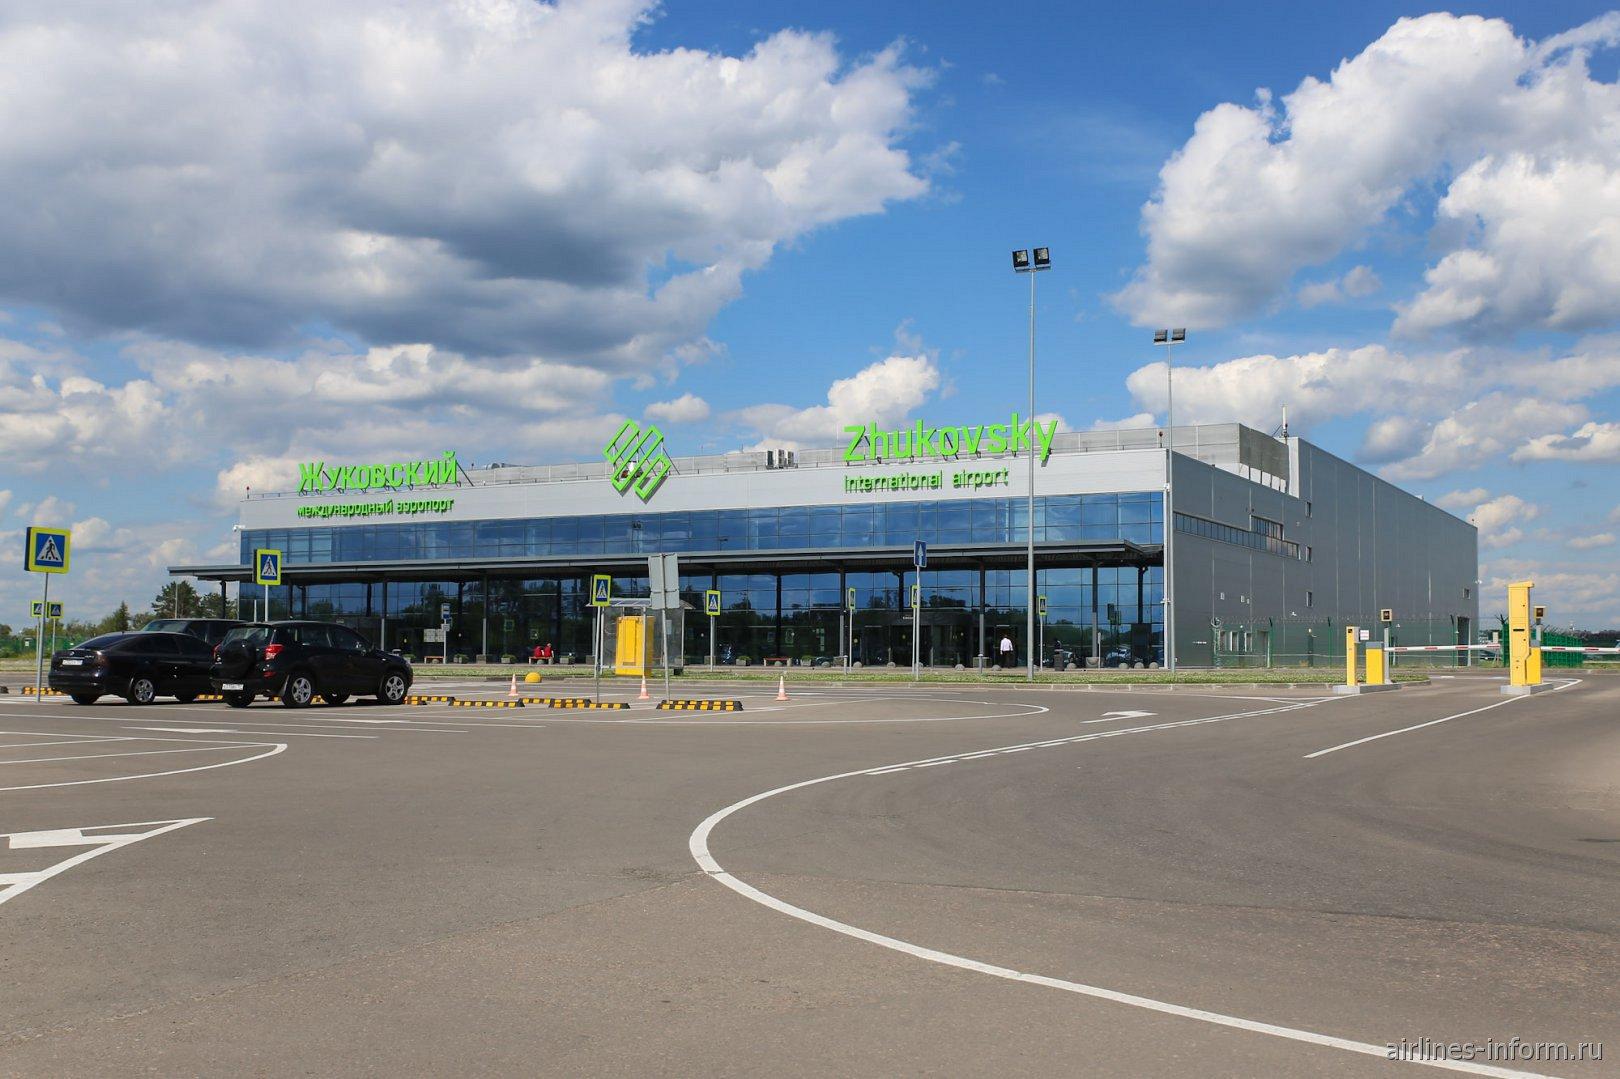 Привокзальная площадь аэропорта Жуковский